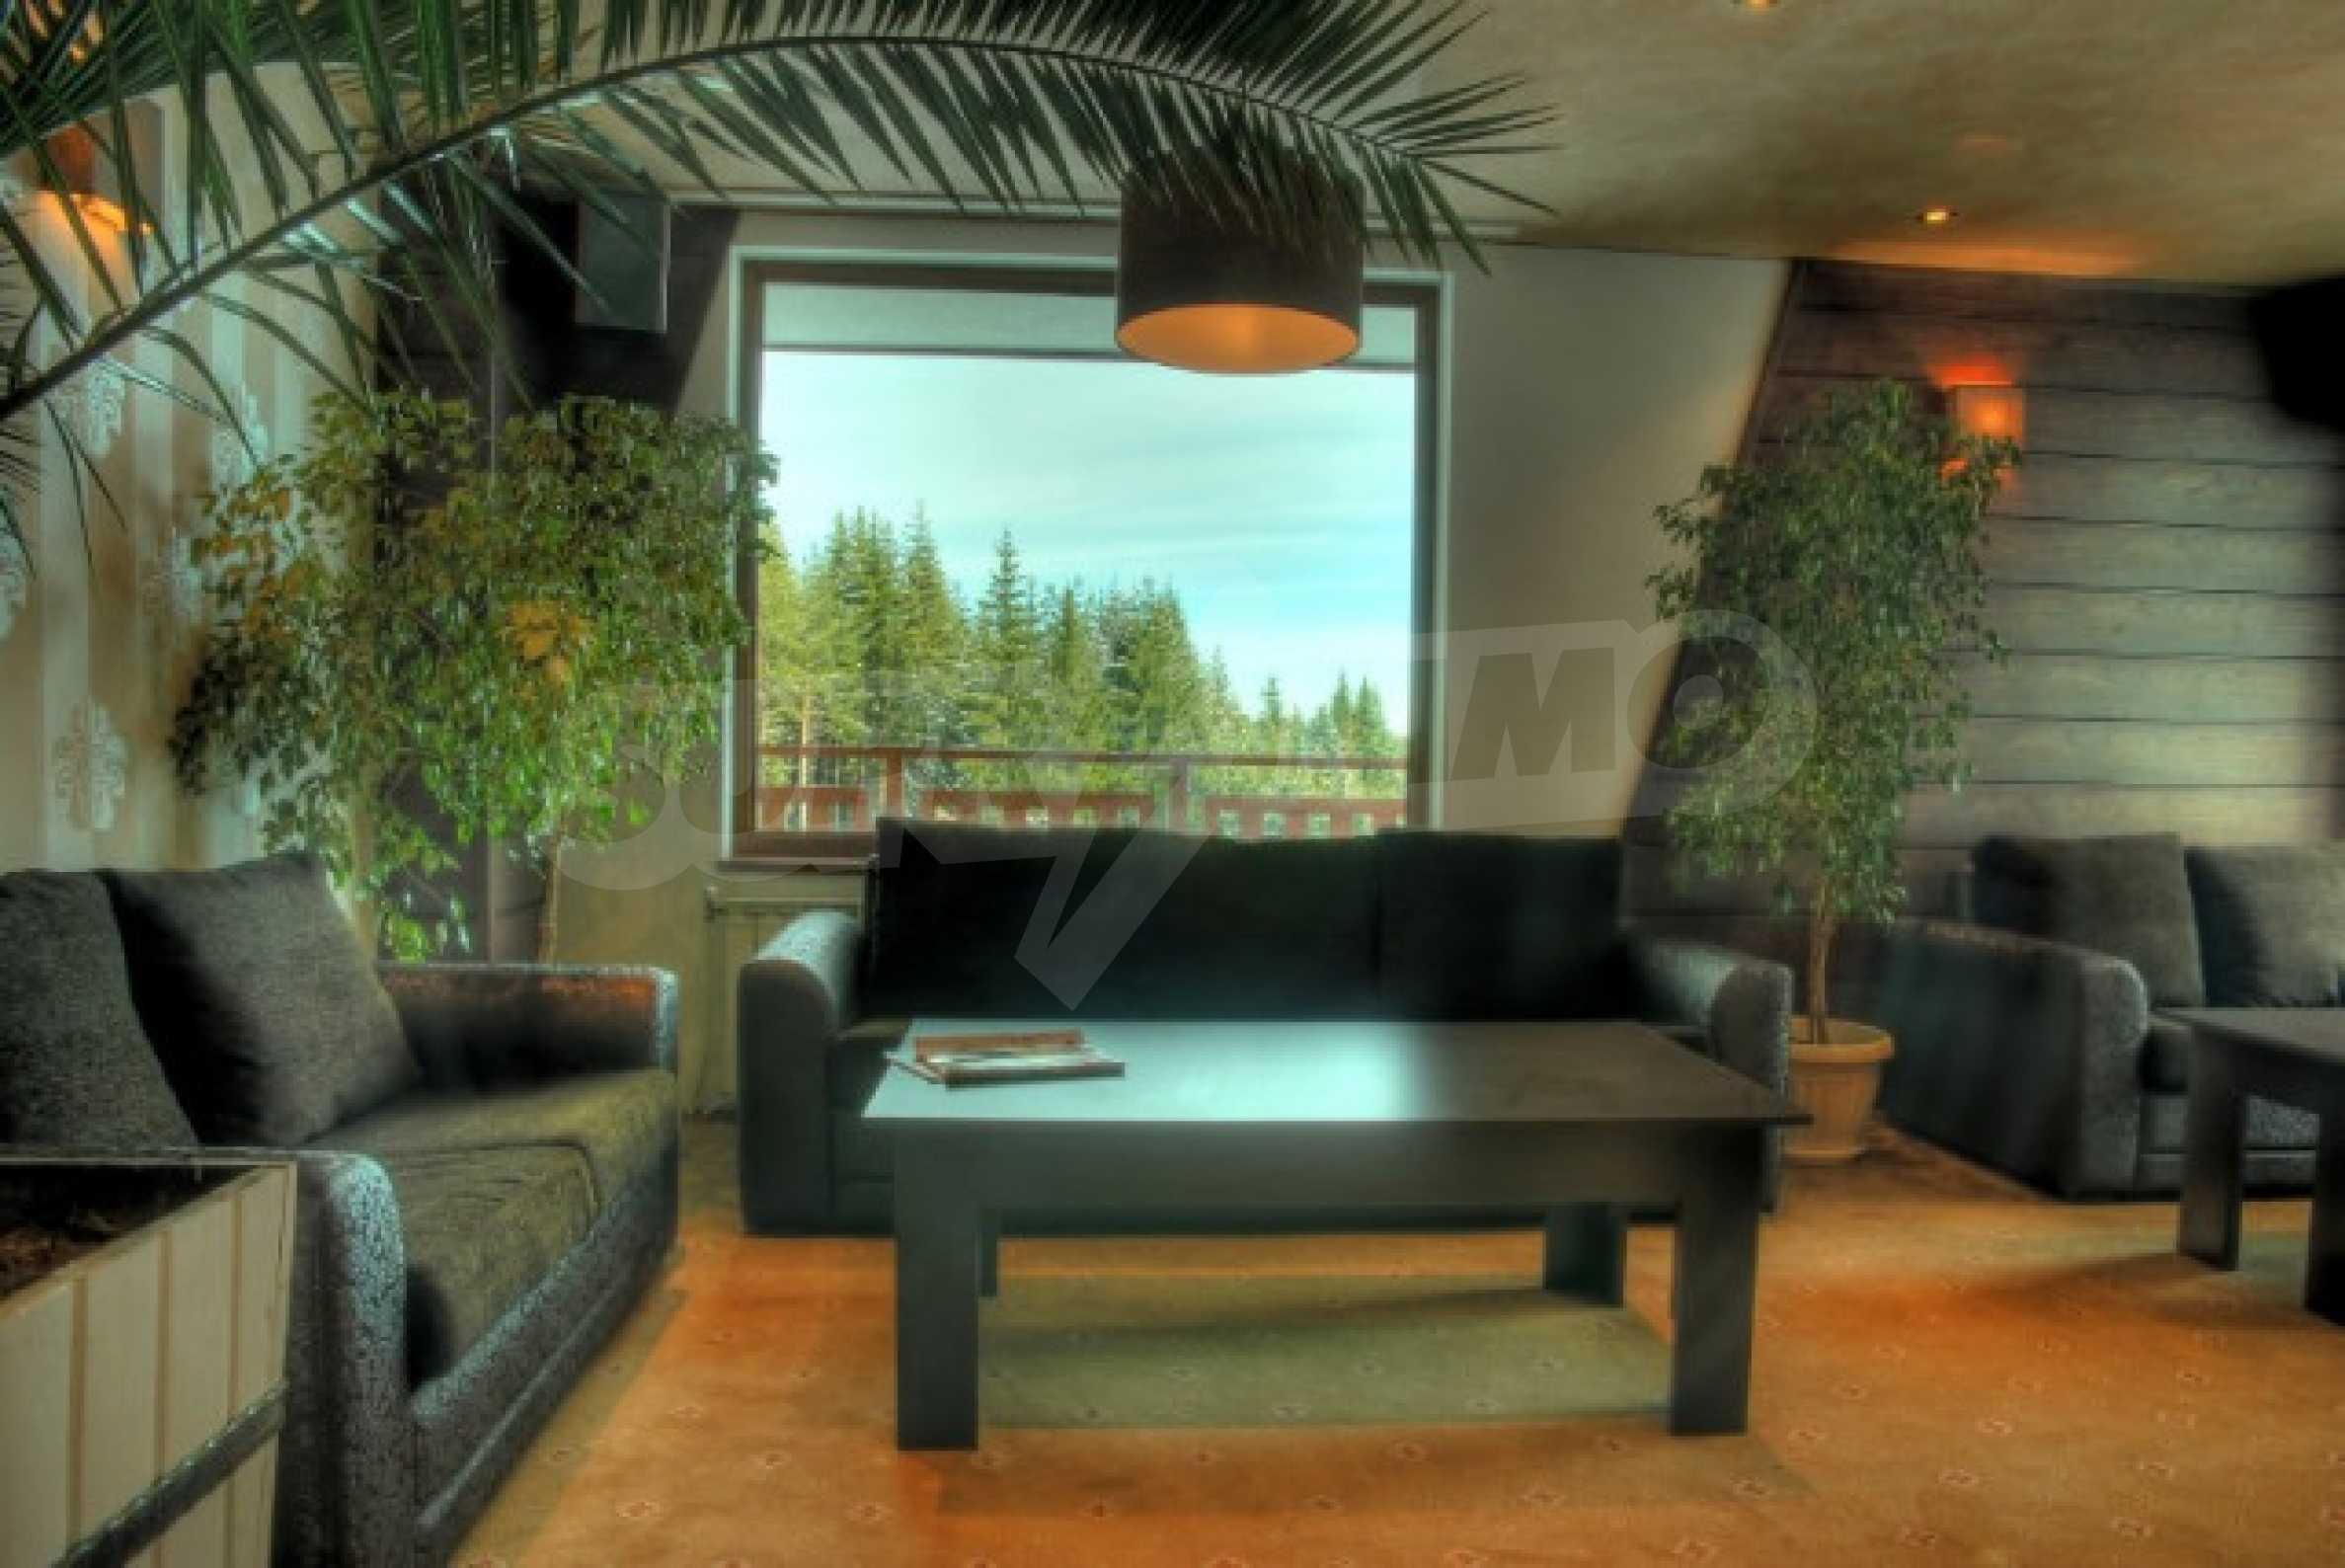 Апартаменти на атрактивни цени в планински ваканционен комплекс в Пампорово 10